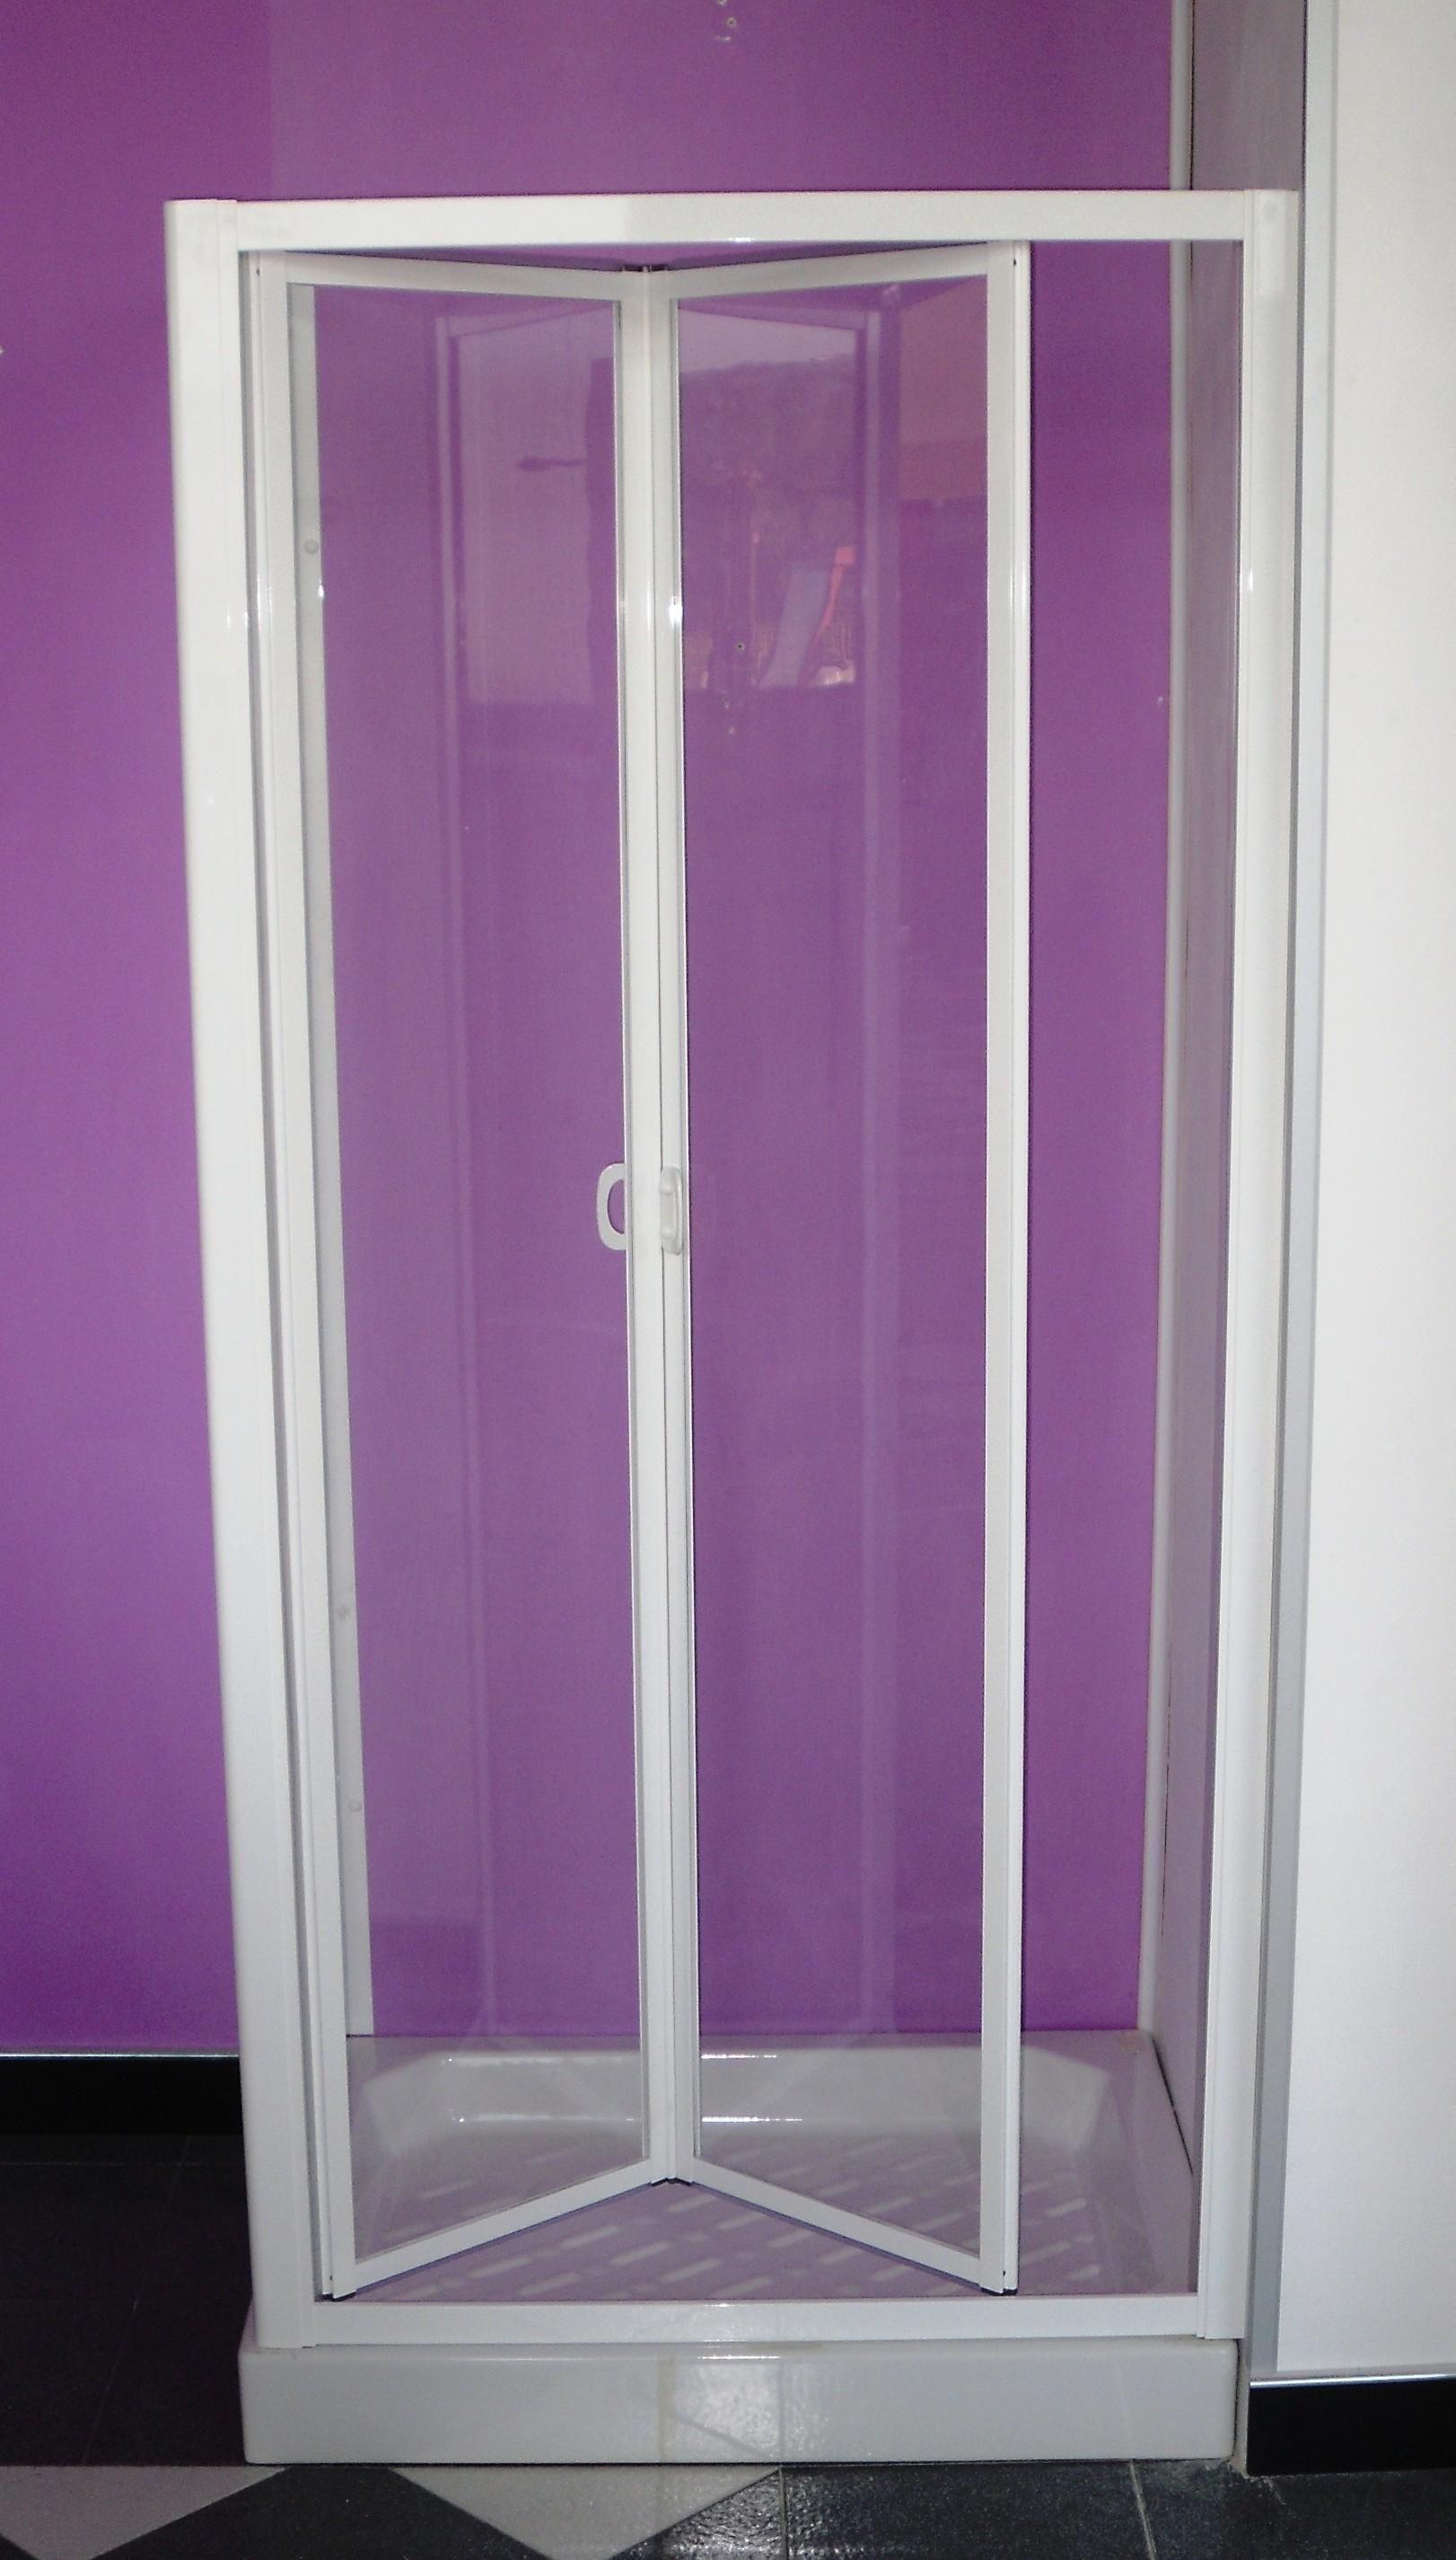 Porte a soffietto vendita on line with porte a soffietto - Porta a soffietto per doccia ...